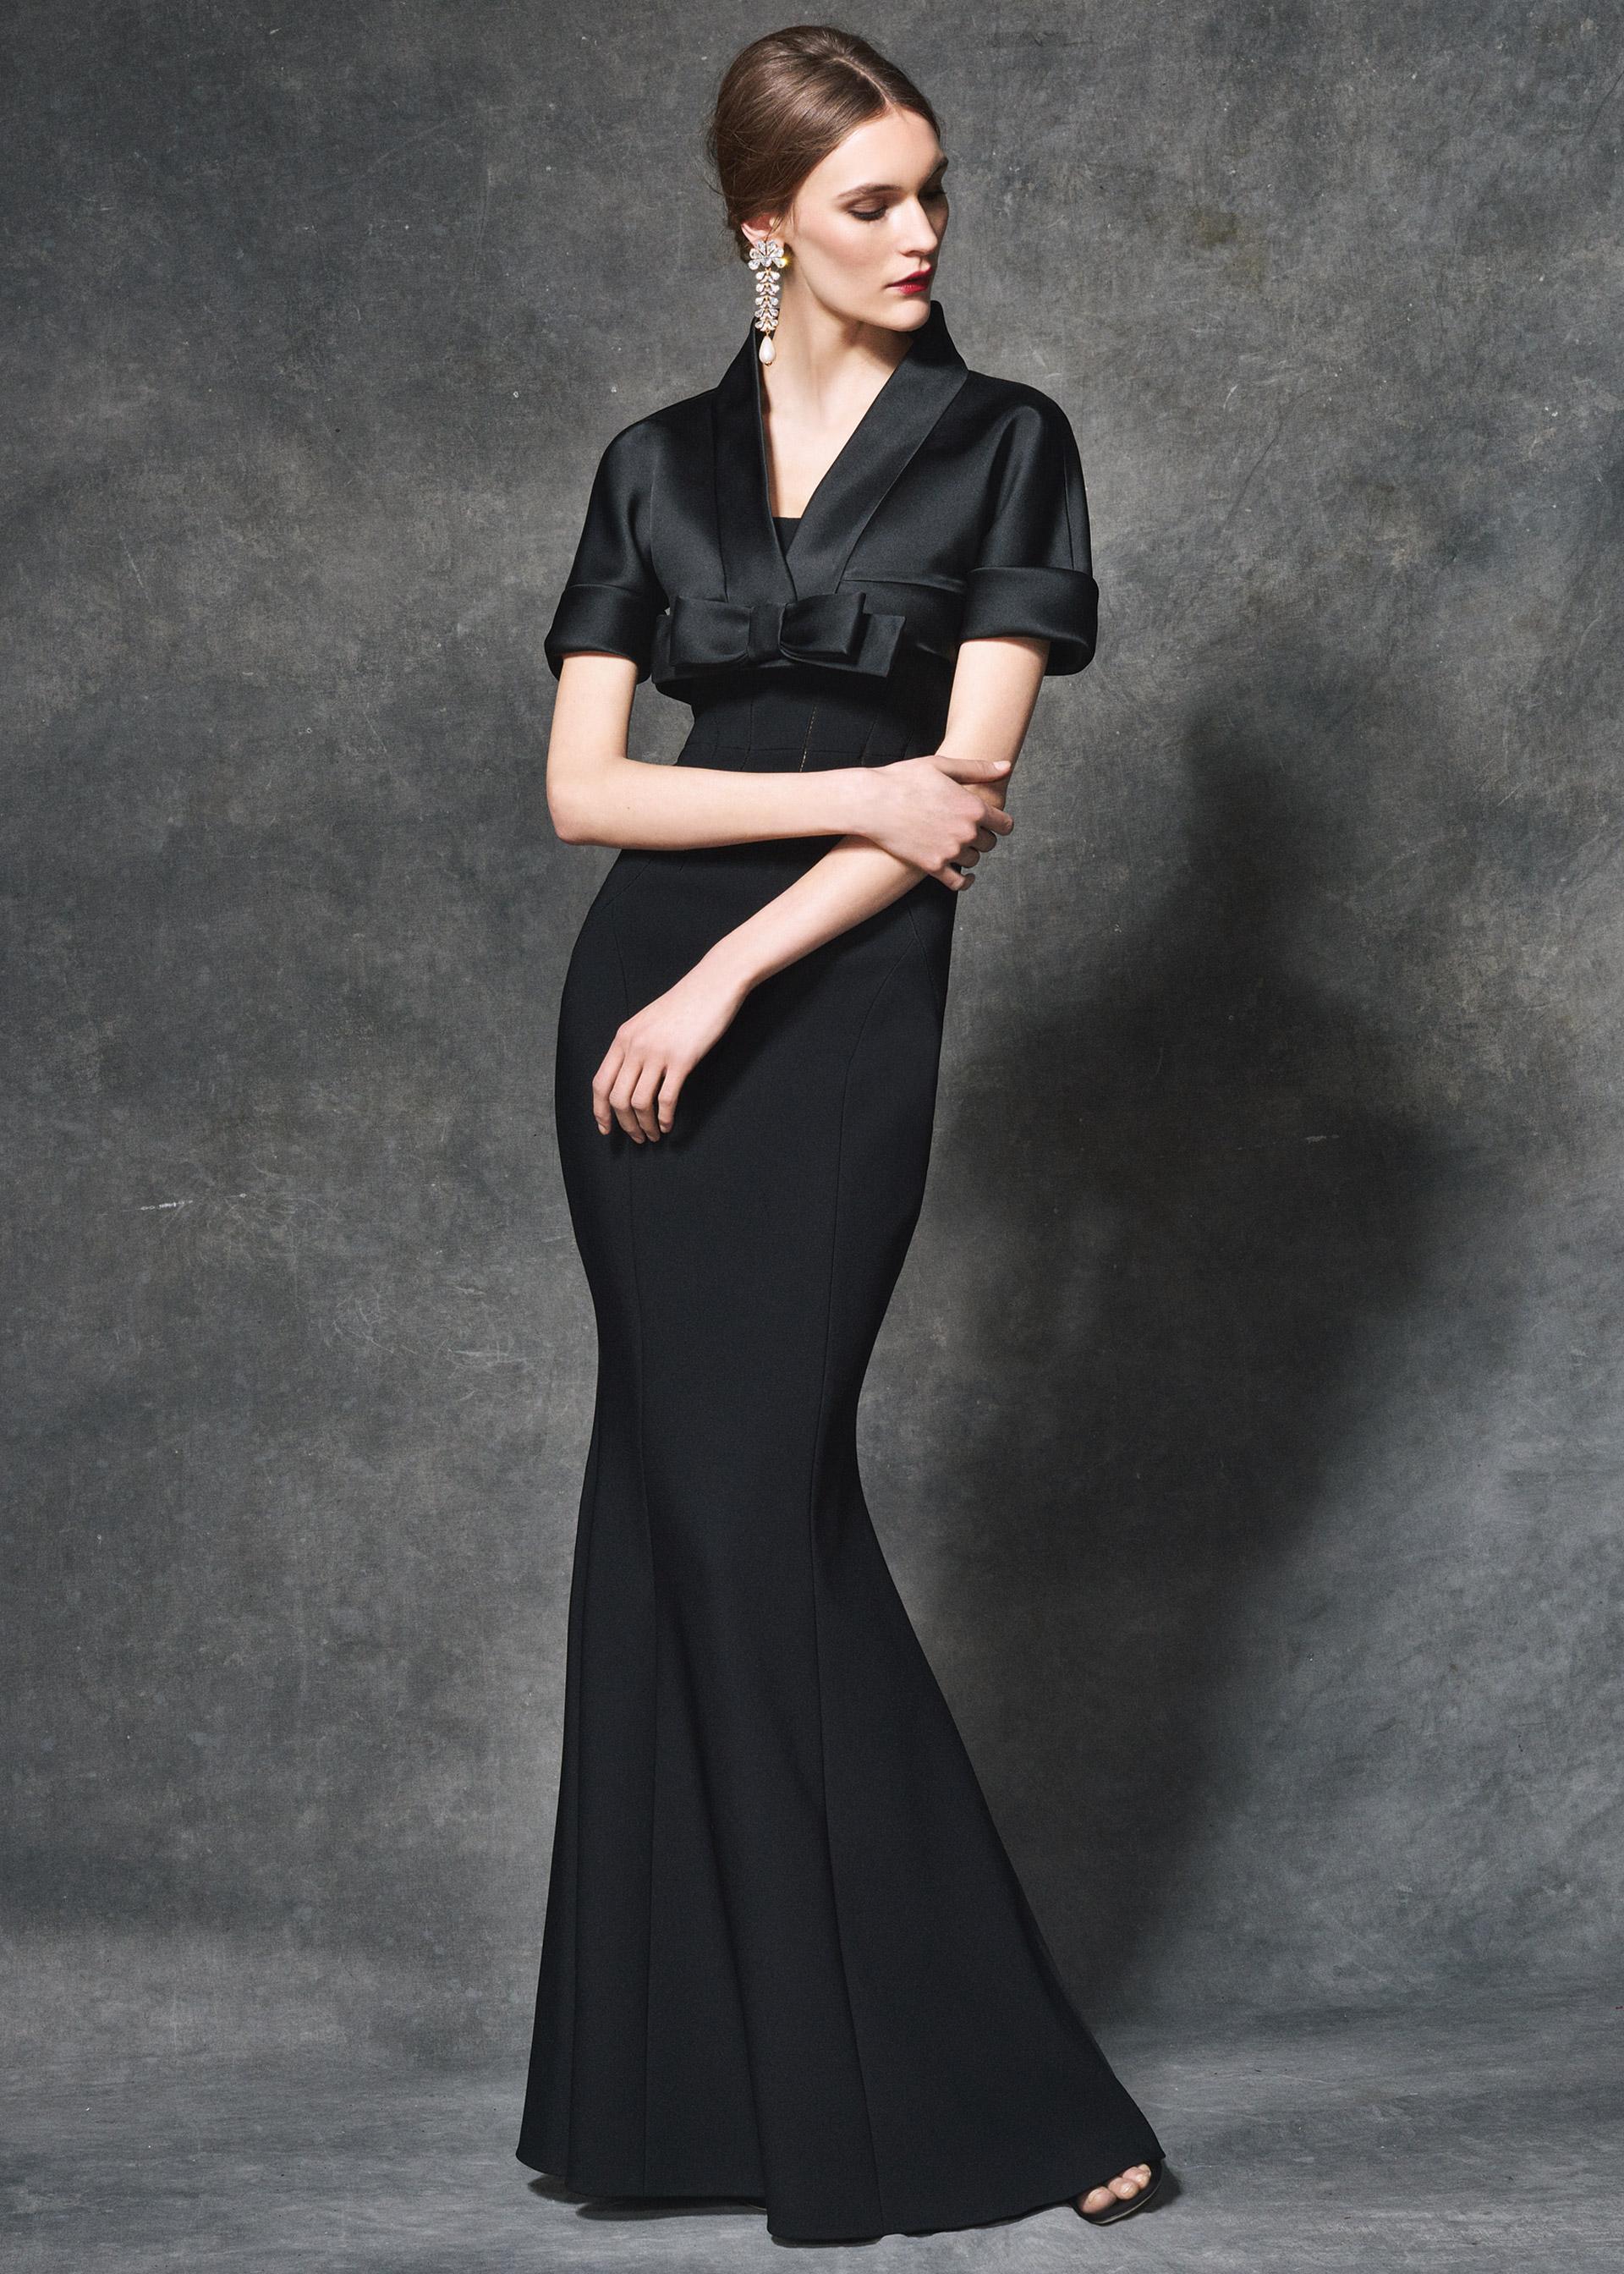 """3ae310c4f35 Платья тюльпаном фото. Коллекции Dolce Gabbana """"Tulip"""" и вечерних платьев"""